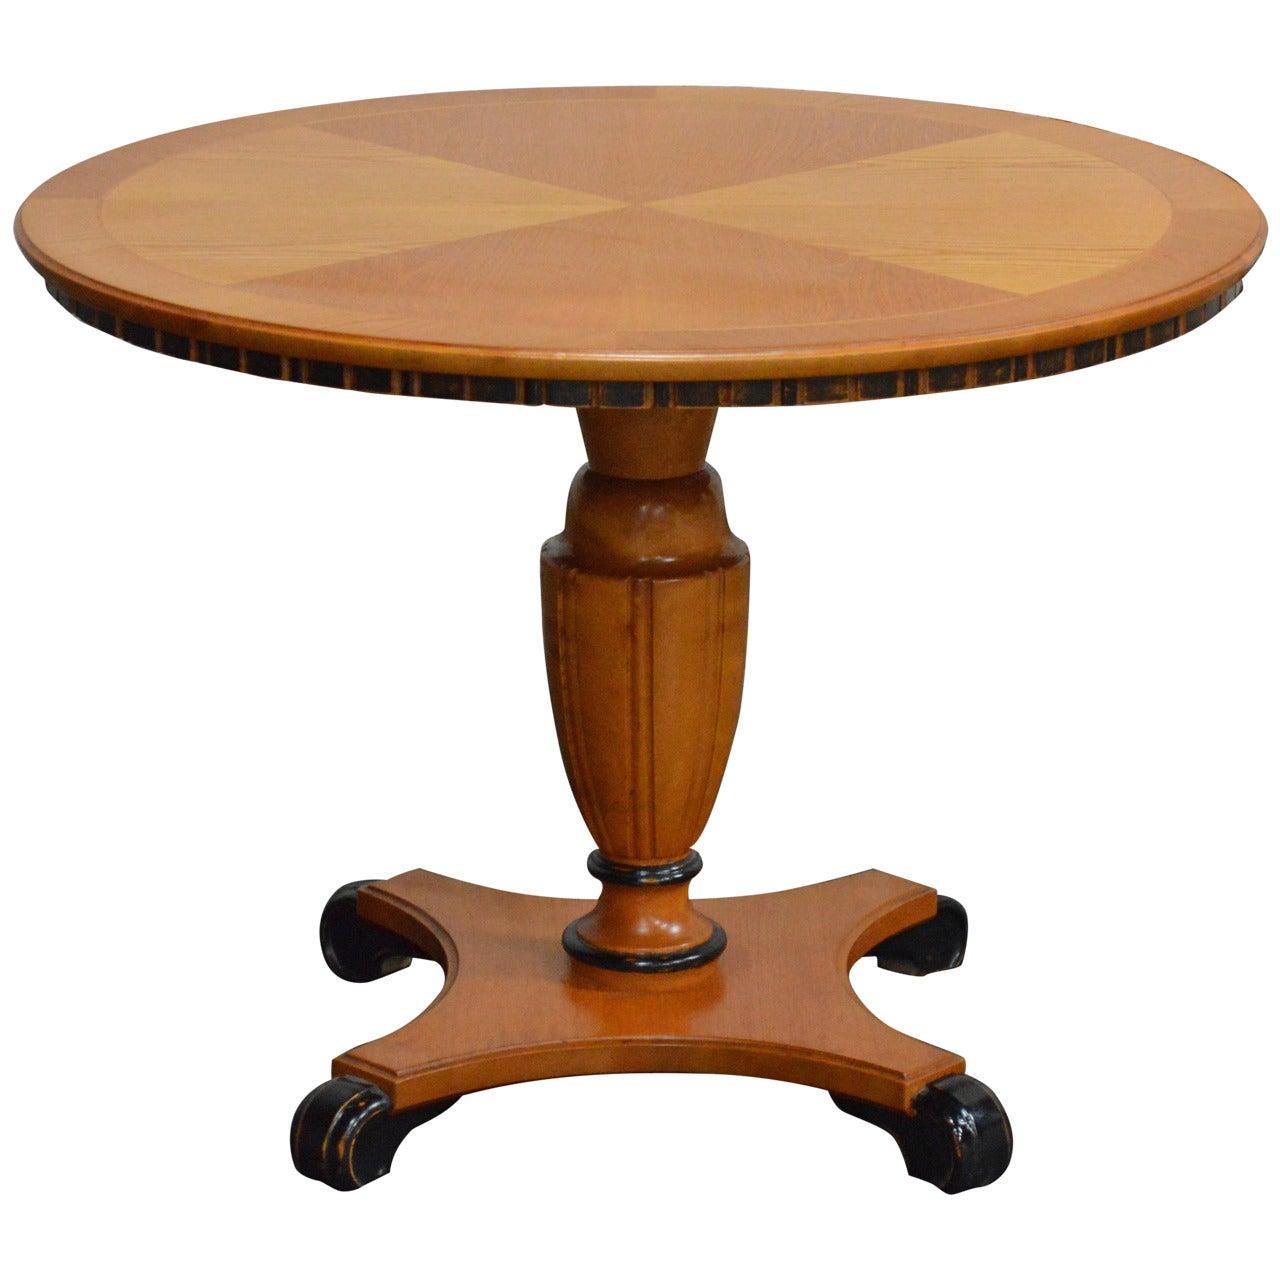 Swedish Art Deco Round Golden Elm Pedestal End or Side Table